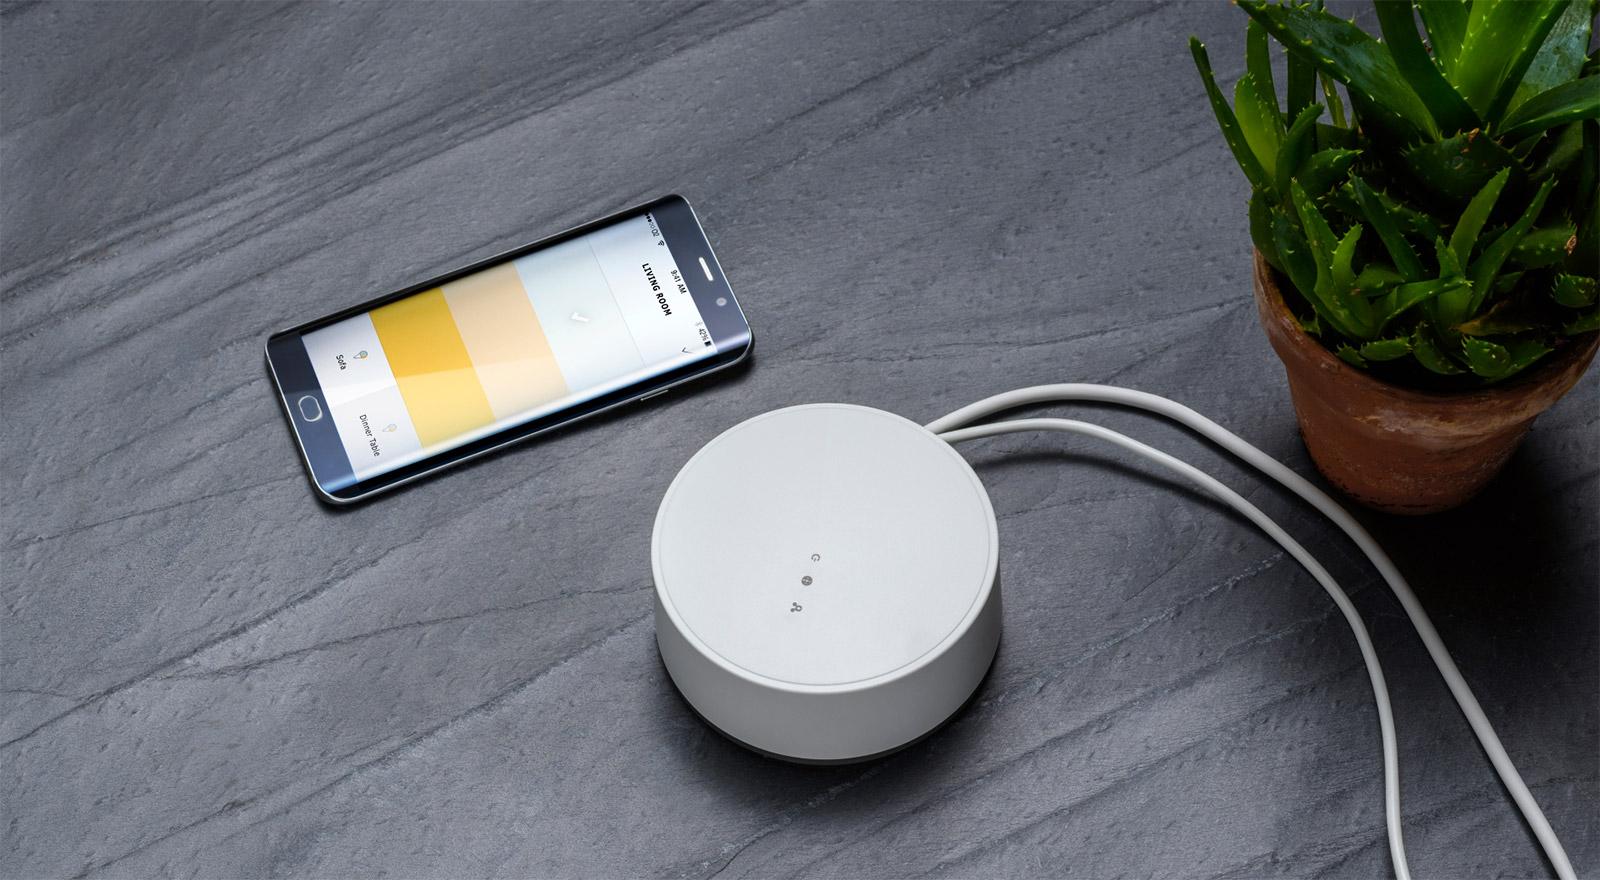 slimme ikea tr dfri lampen nu ook geschikt voor alexa en. Black Bedroom Furniture Sets. Home Design Ideas